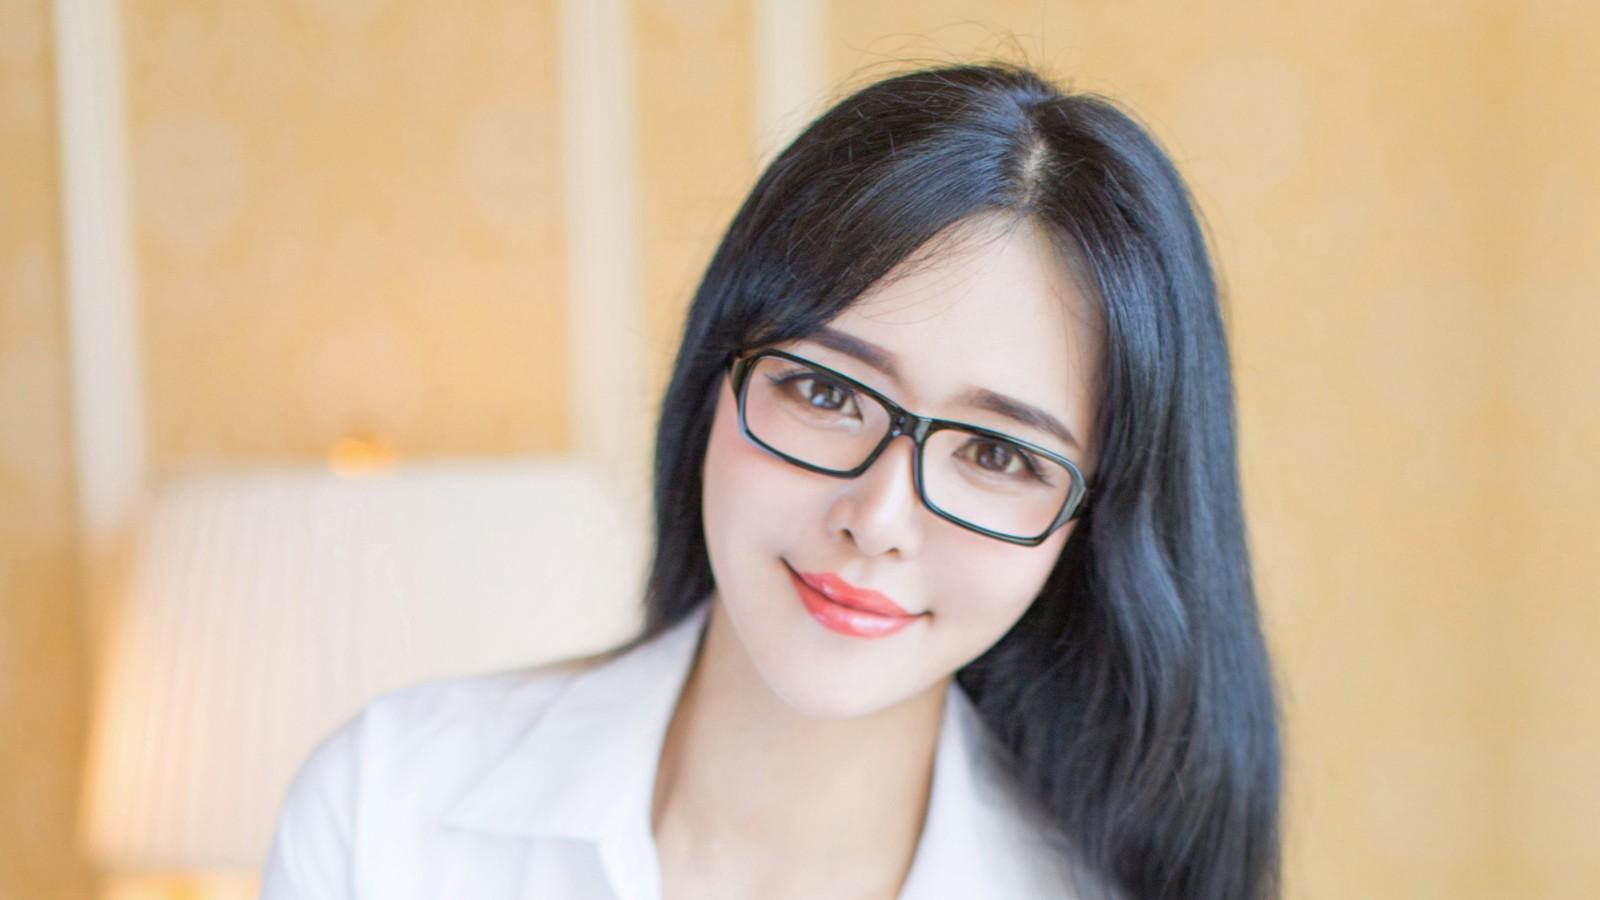 刘钰儿戴眼镜性感美女壁纸